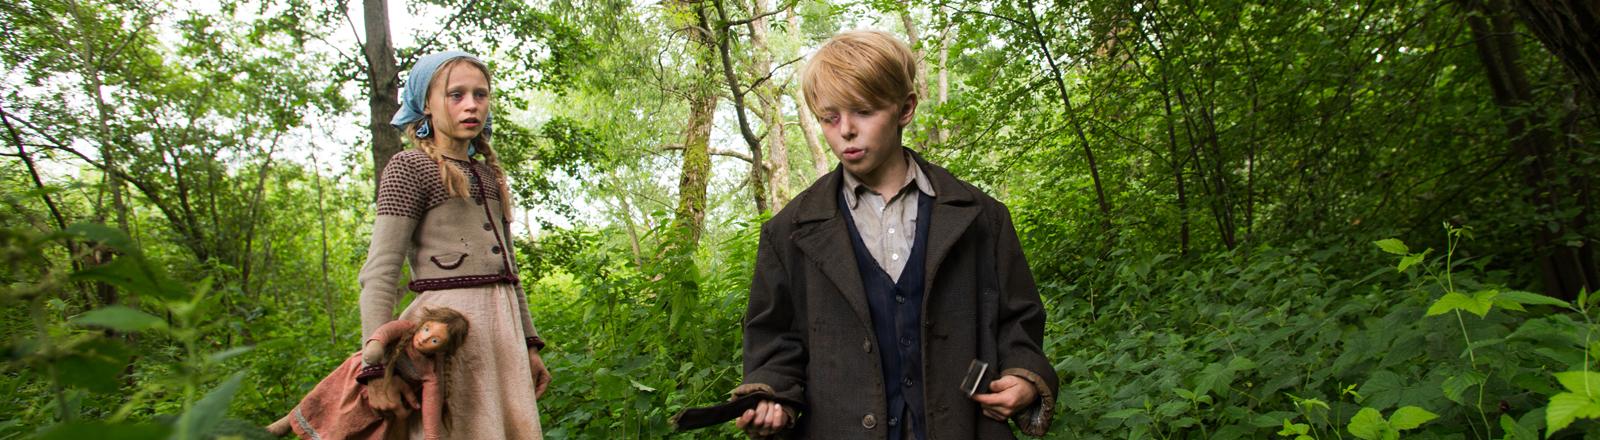 """Vivien Ciskowska als Asta und Til-Niklas Theiner als Paul in einer undatierten Szene des Films """"Wolfskinder""""."""